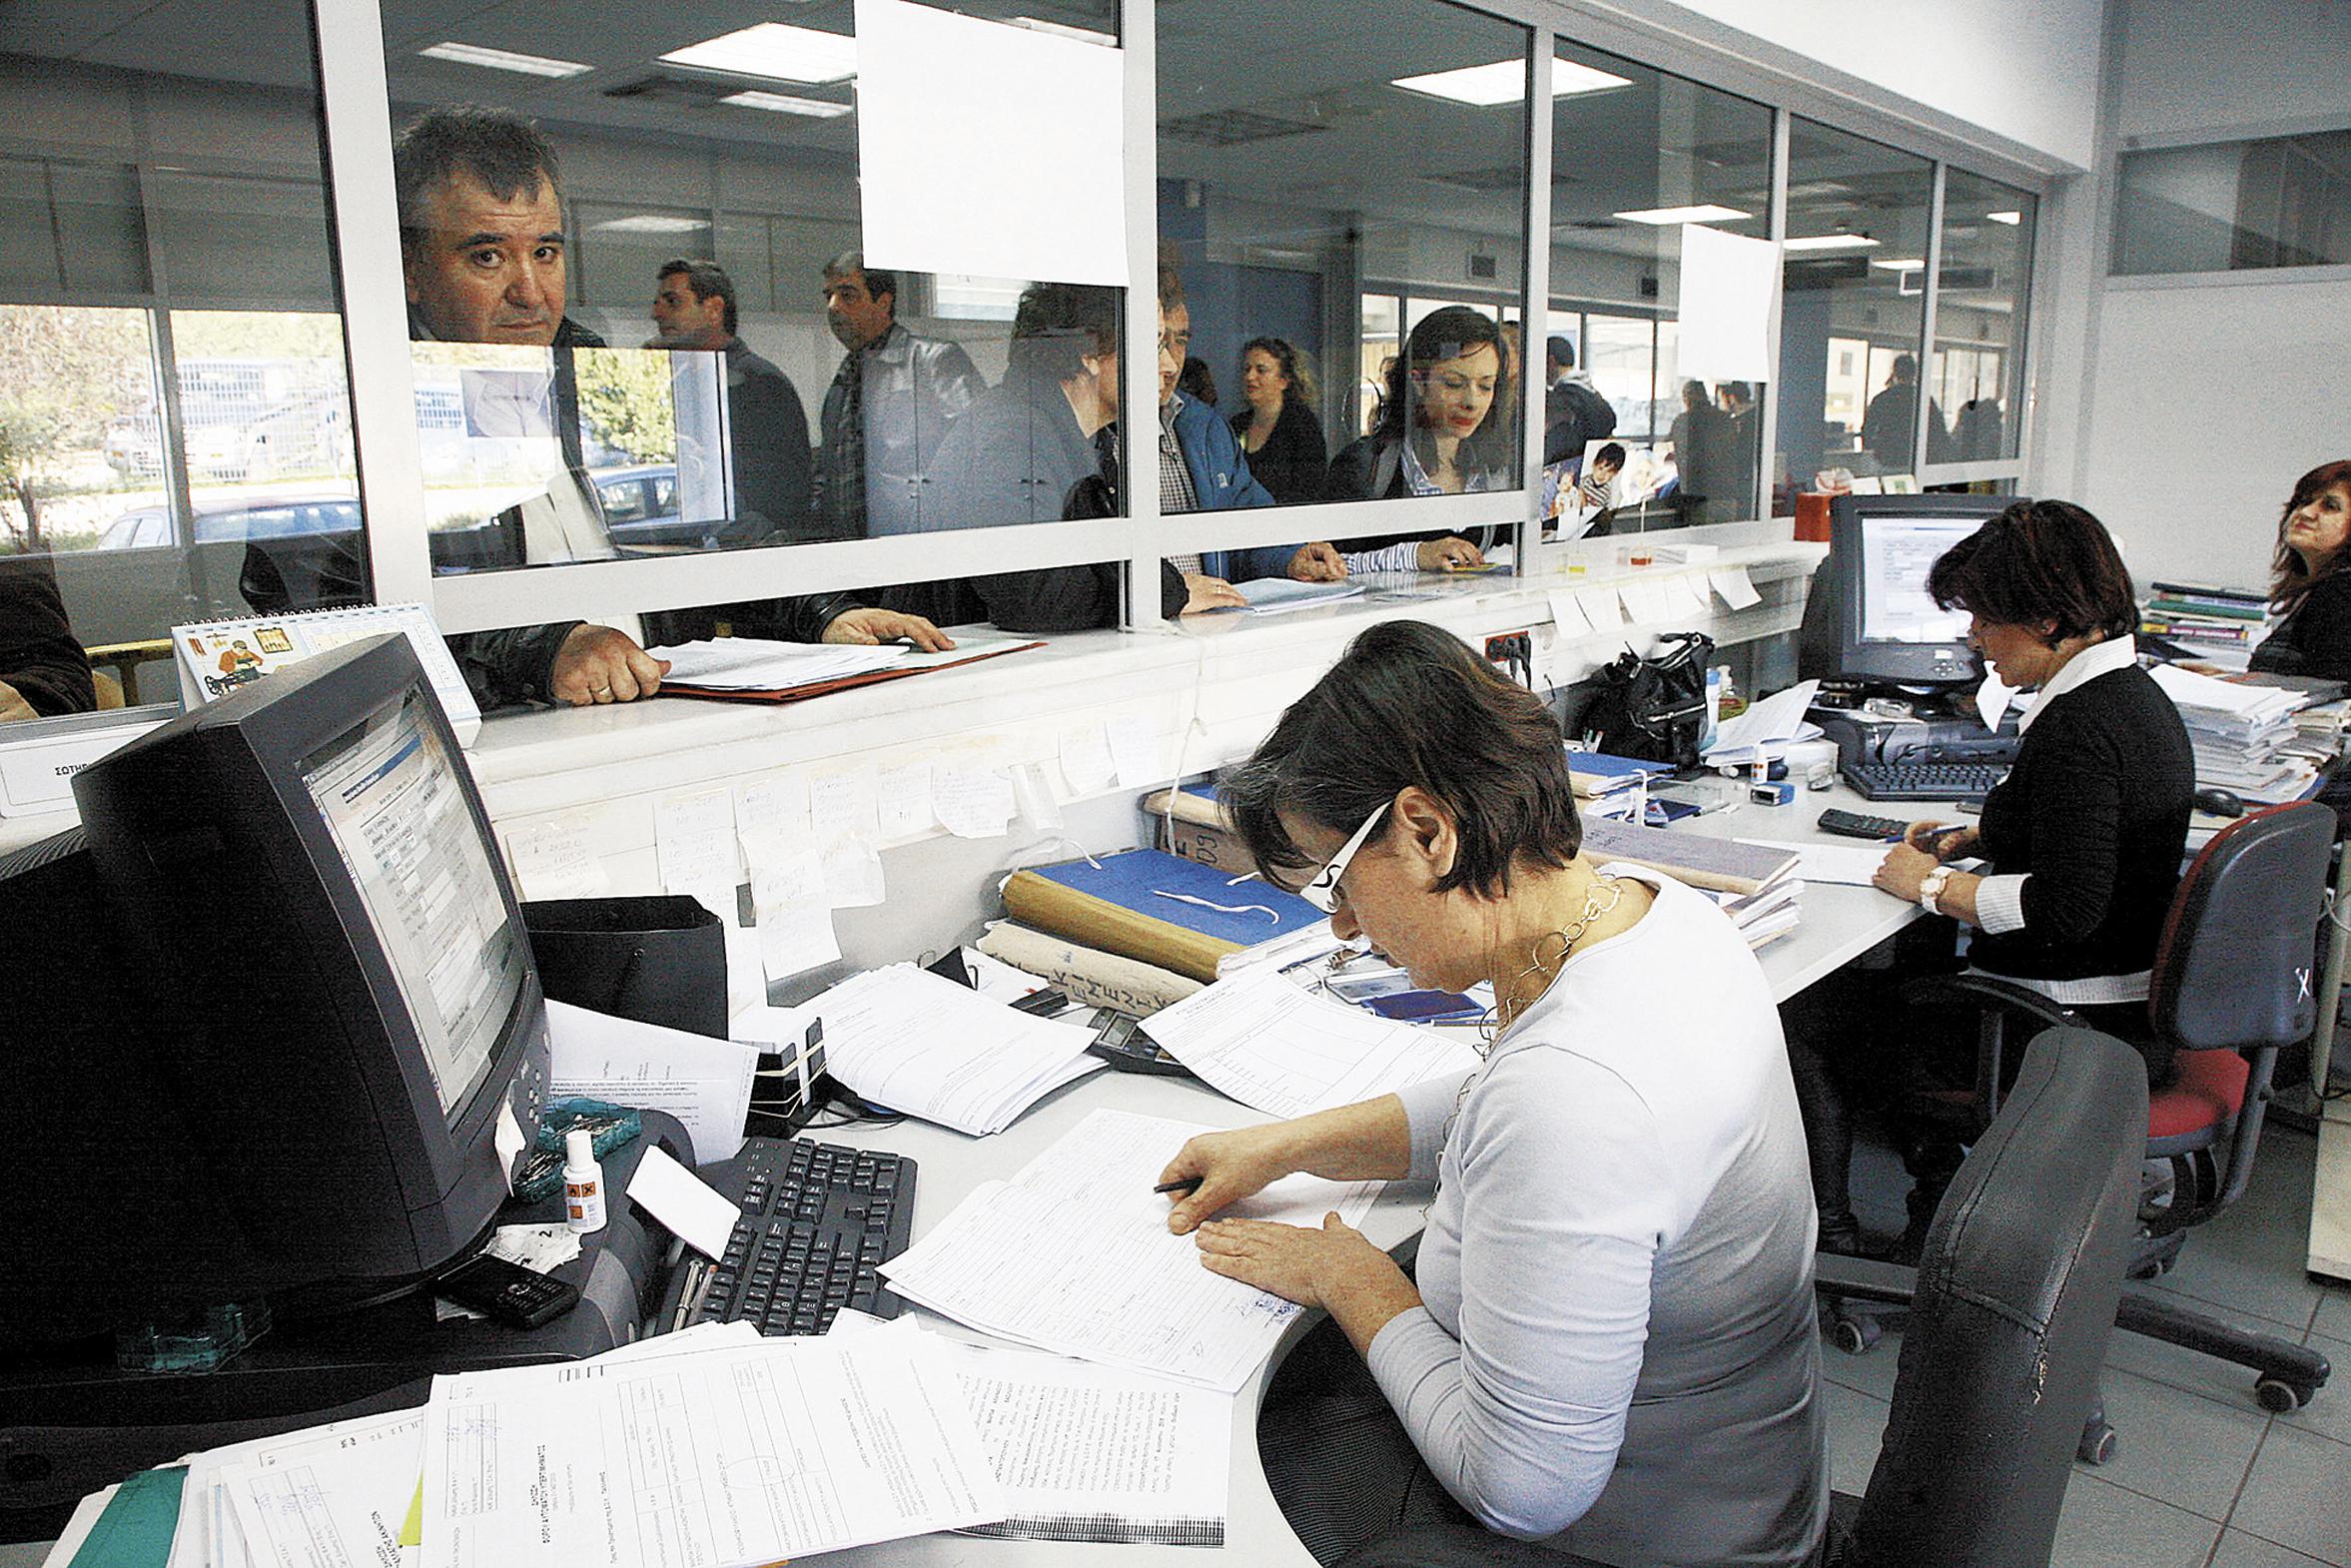 Εγκύκλιος για οικονομική αποκατάσταση διαθέσιμων | tovima.gr